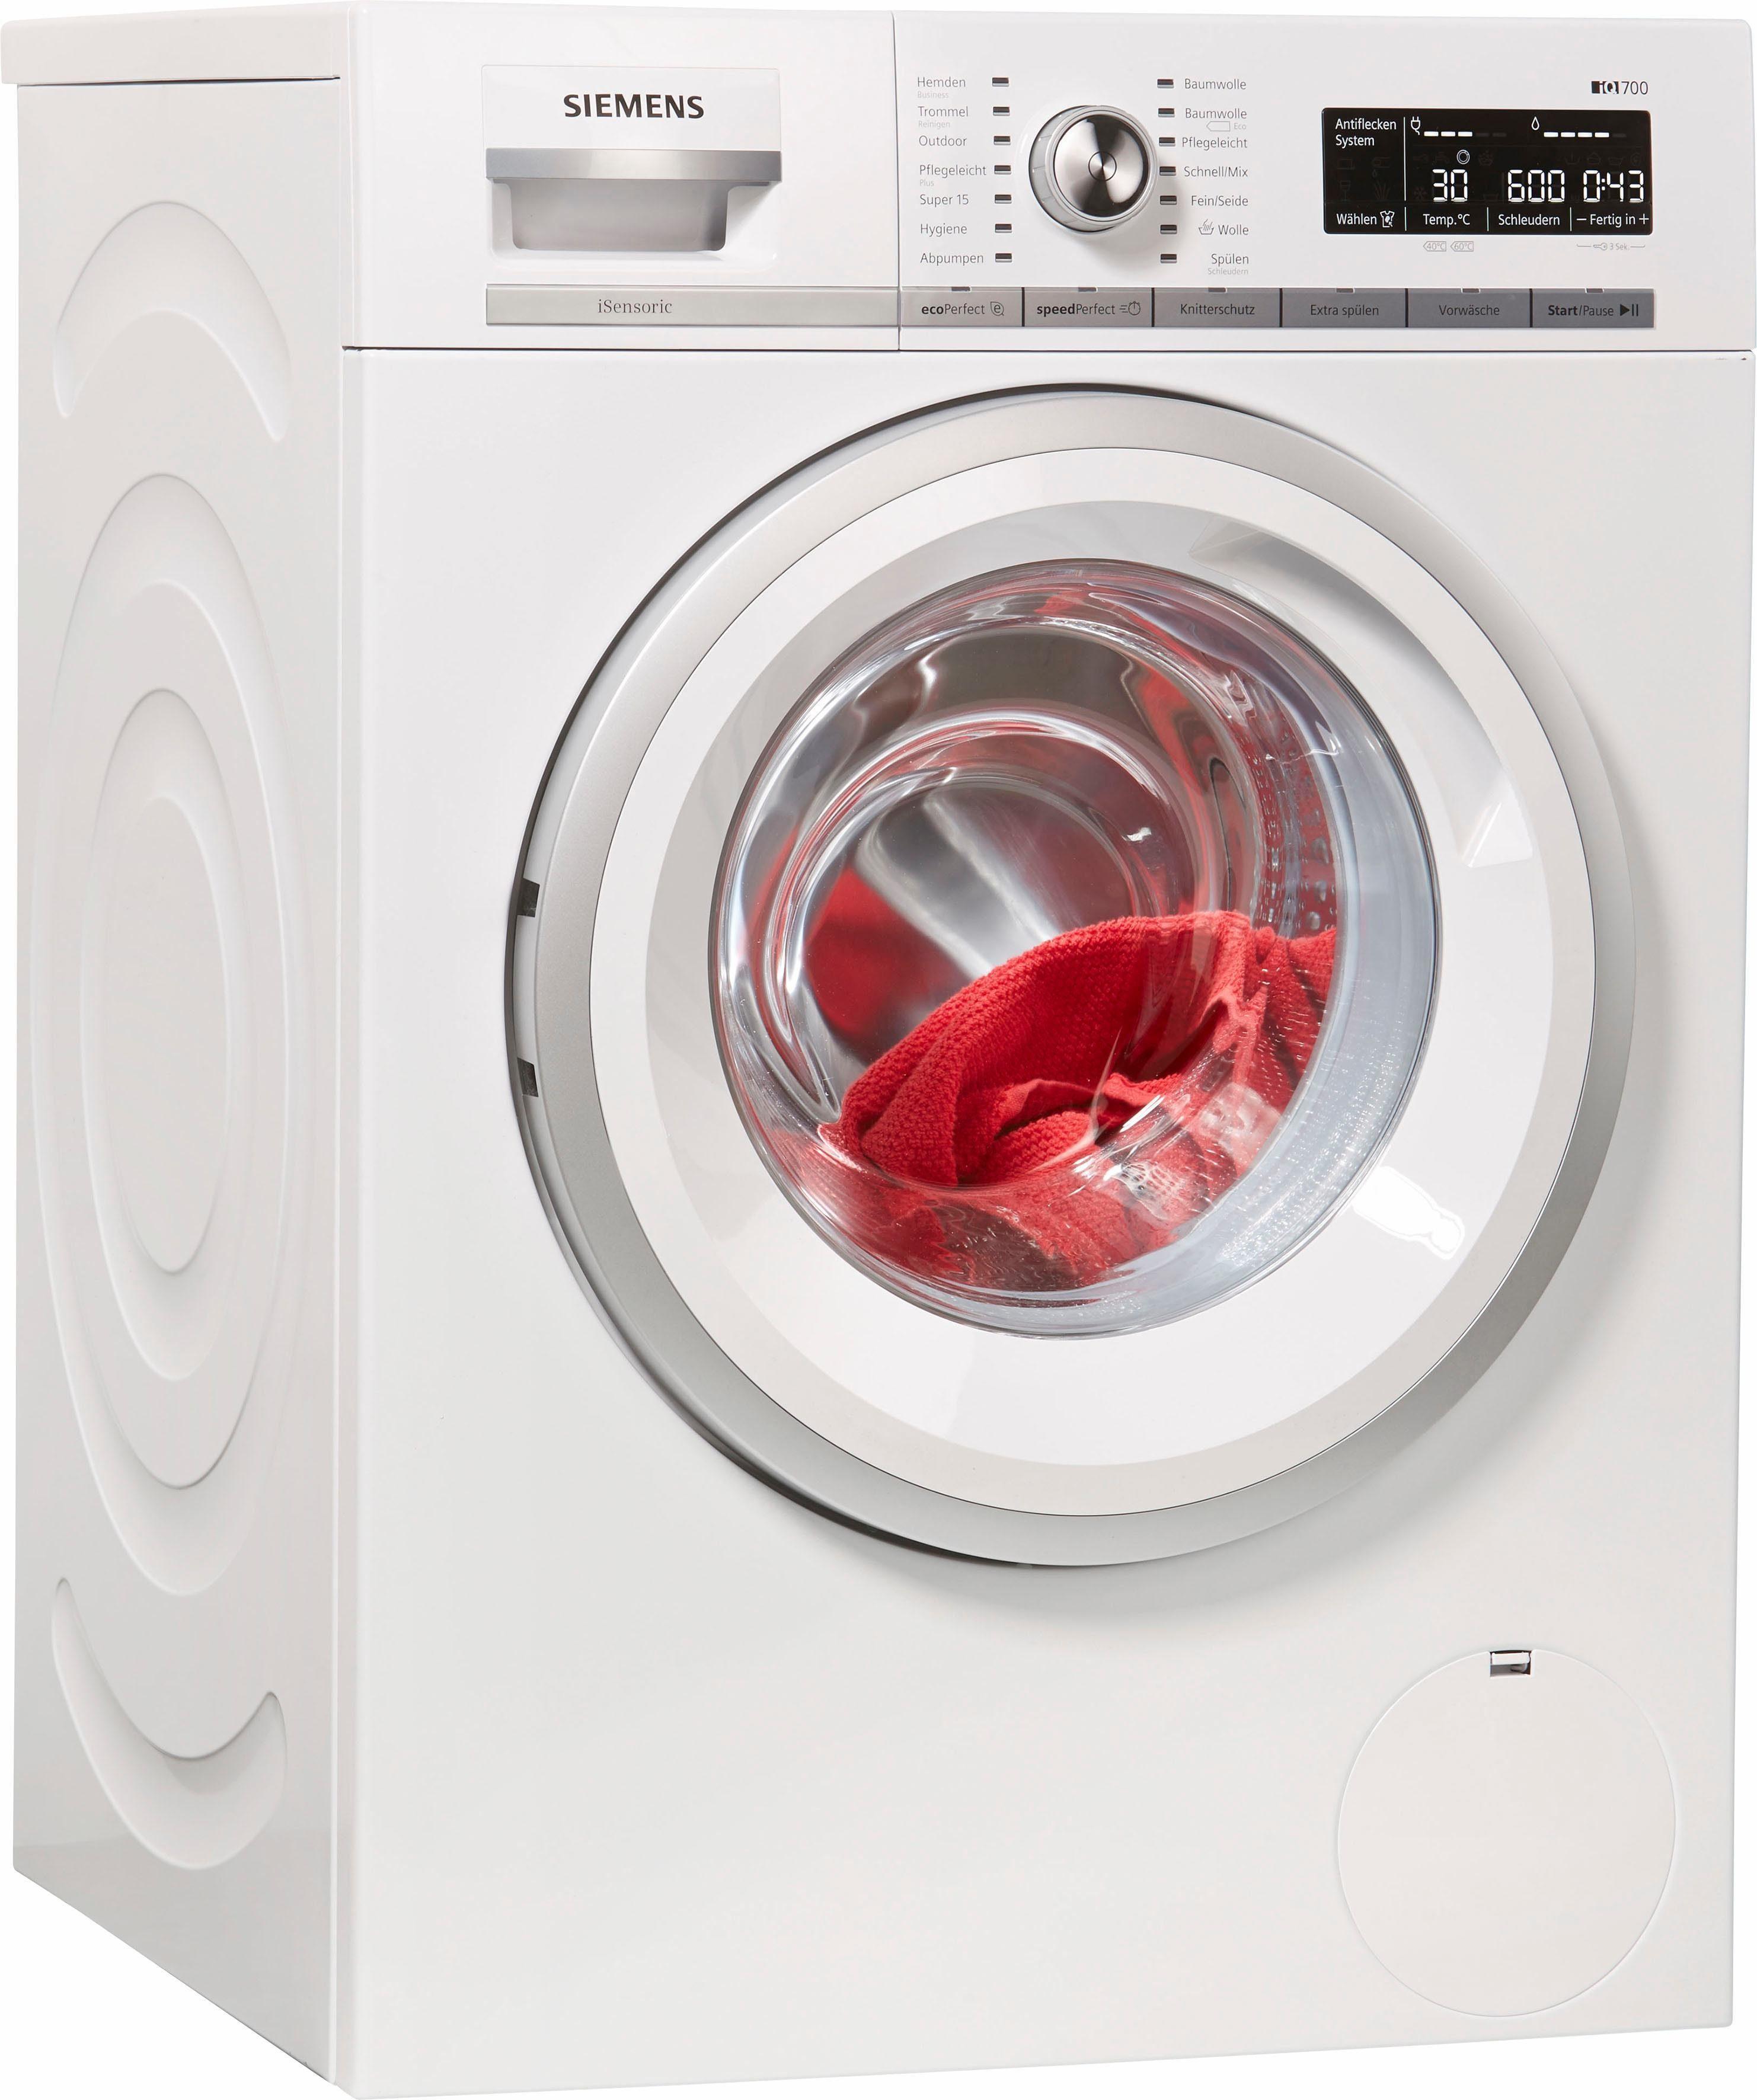 SIEMENS Waschmaschine iQ700 WM14W570, 8 kg, 1400 U/Min, Stiftung Warentest Testsieger